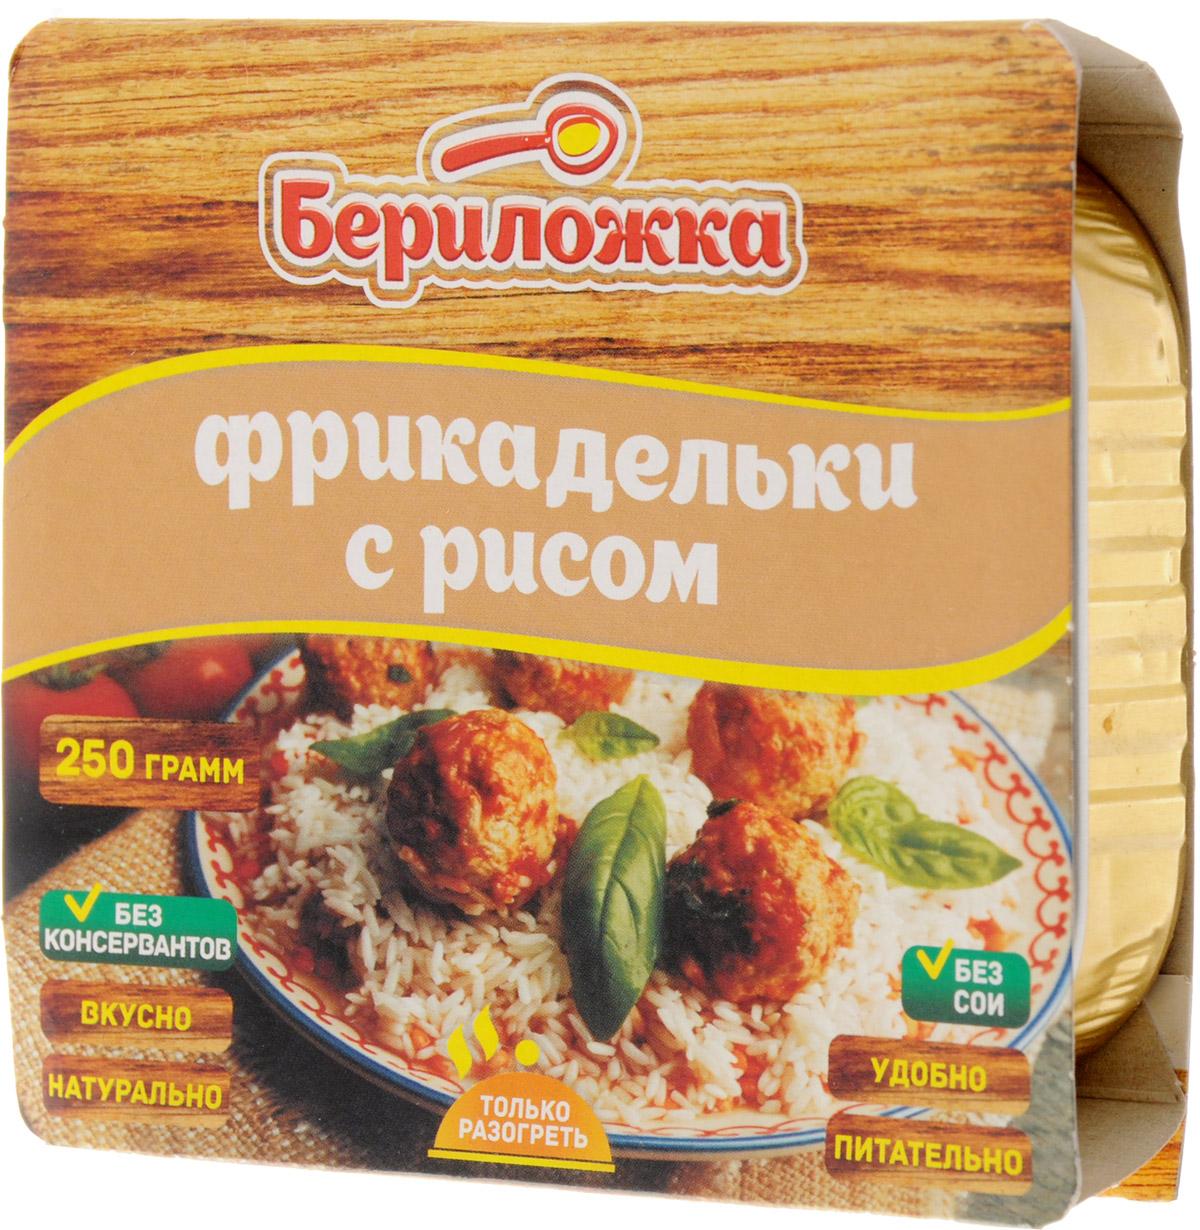 Бериложка фрикадельки с рисом, 250 г братушева а ред рецепты для мультиварки panasonic самые вкусные рецепты isbn 9785699639892